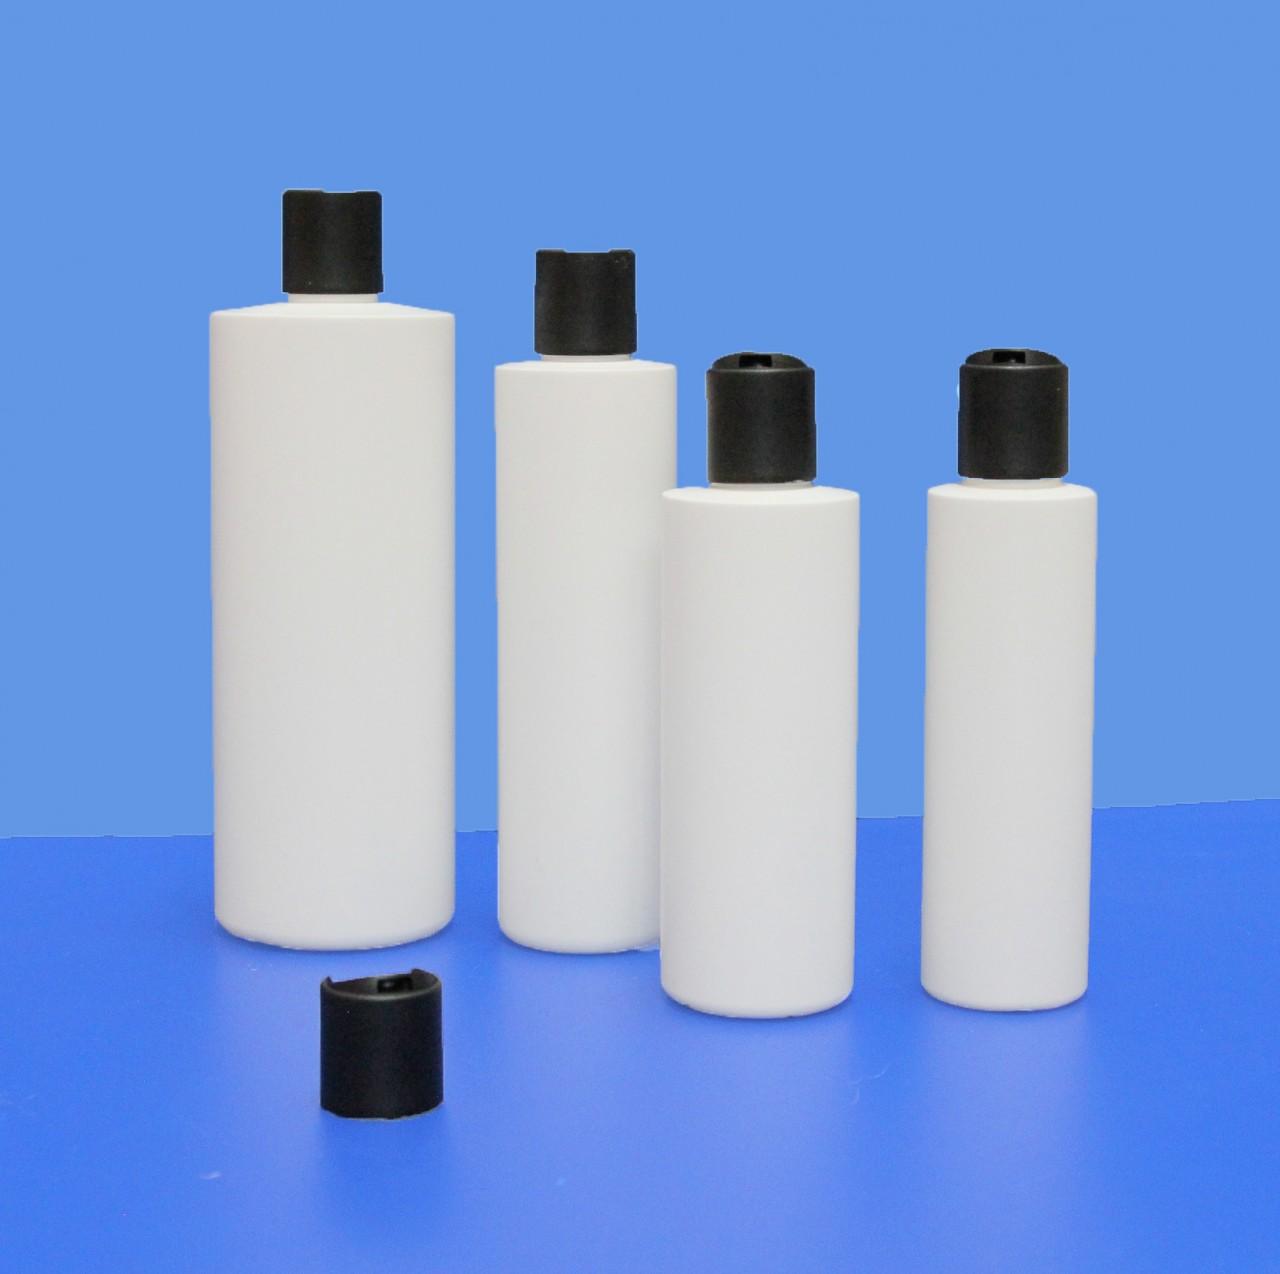 Rundflaschen 150 - 500 ml |mit Disc-Top-Verschluss schwarz